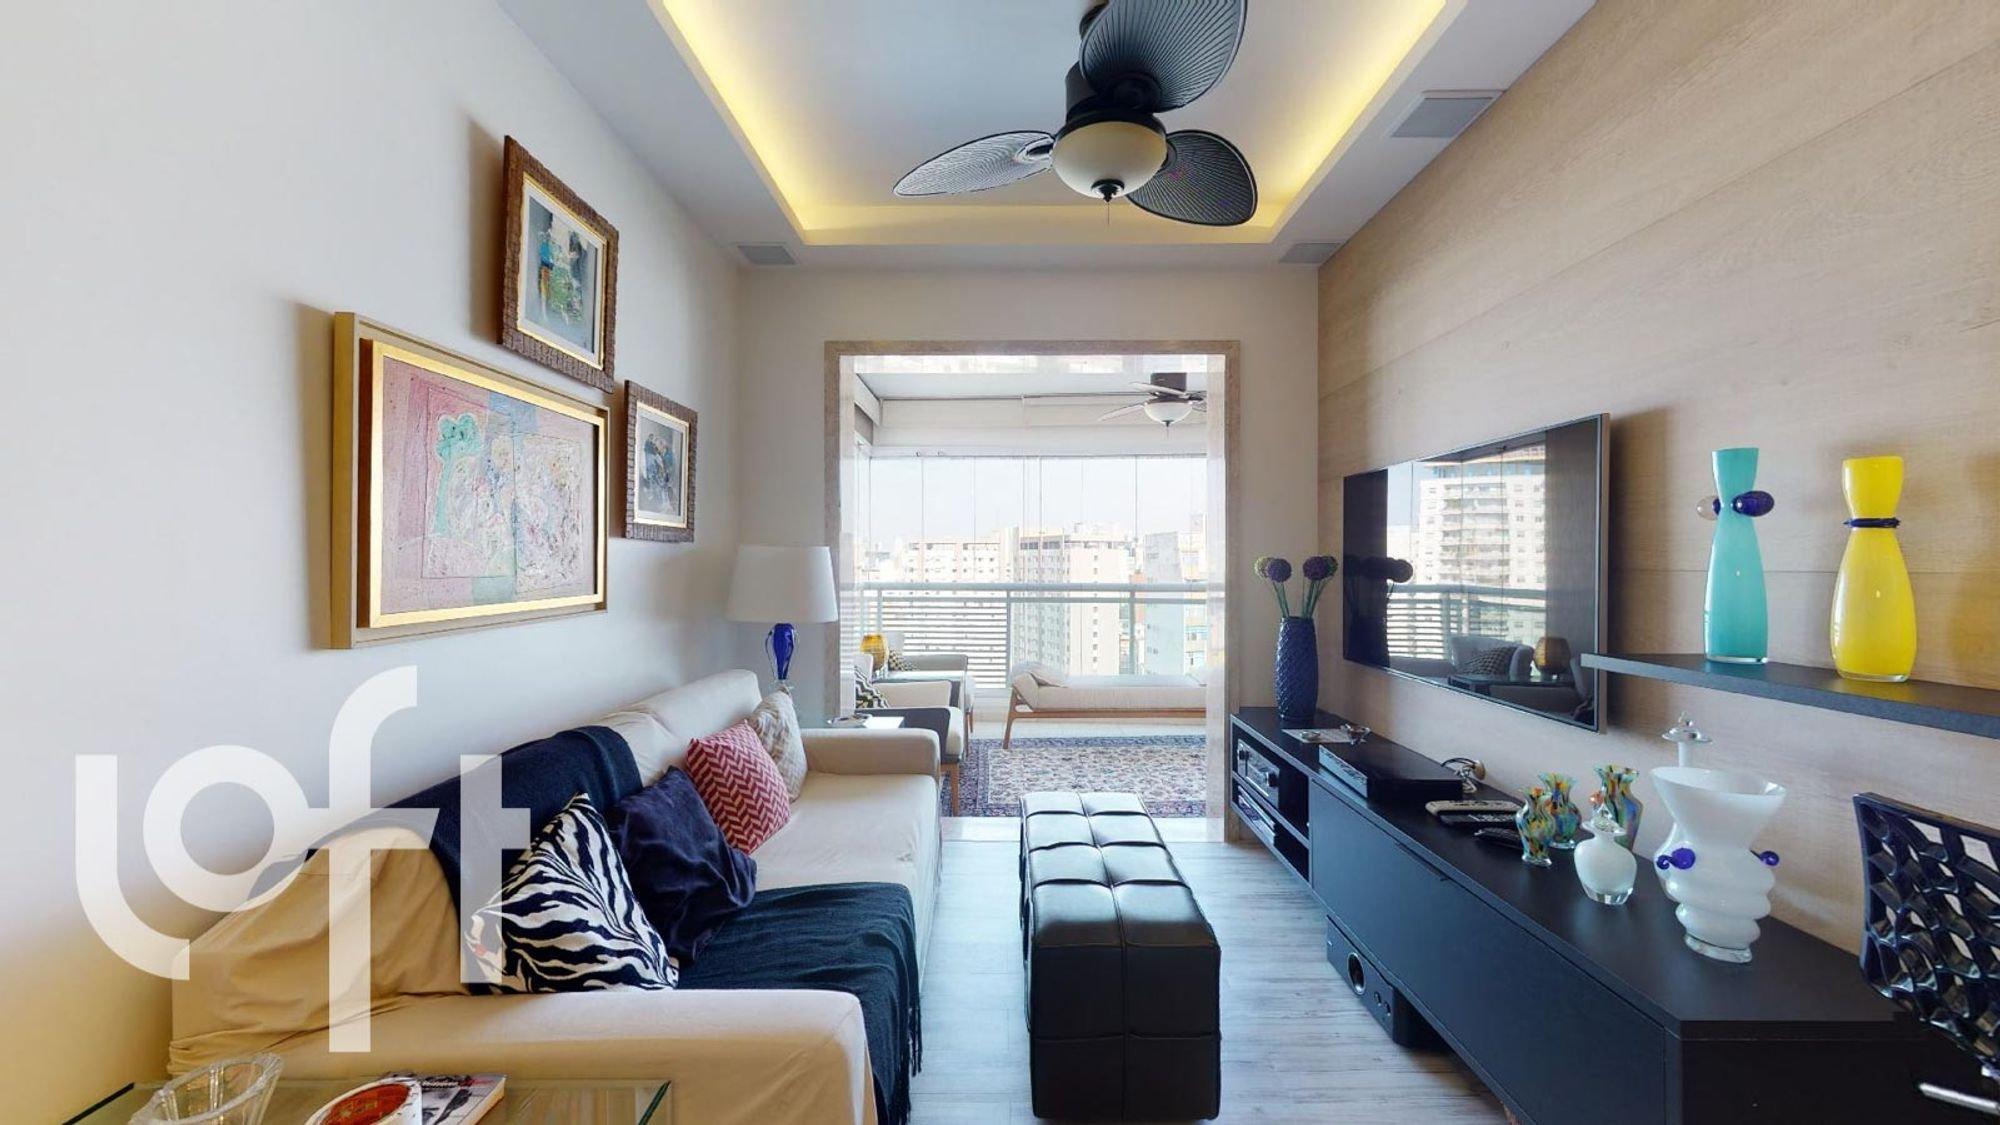 Foto de Sala com sofá, vaso